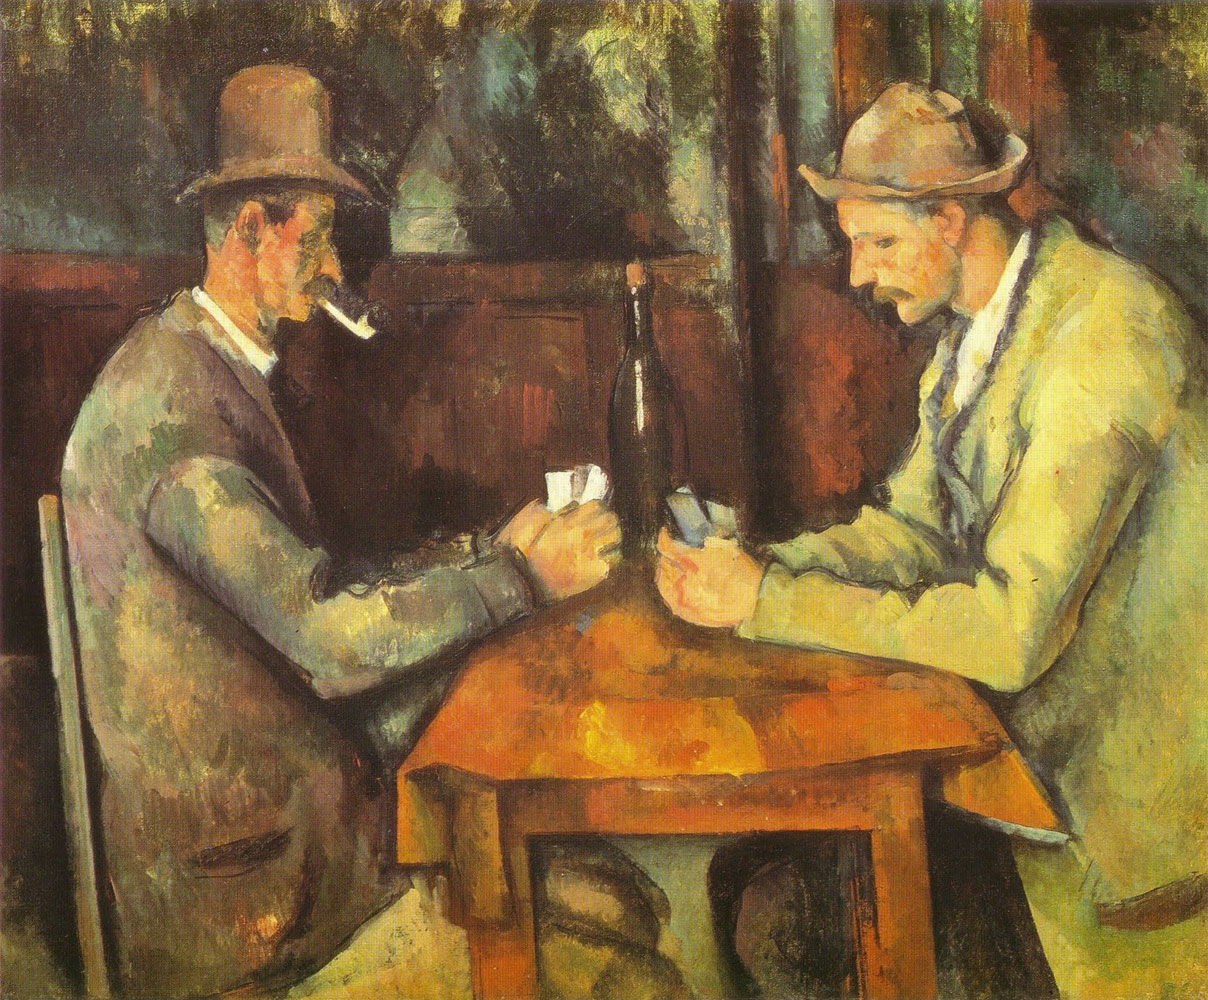 Giocatori di carte - Cezanne - 1890-1895